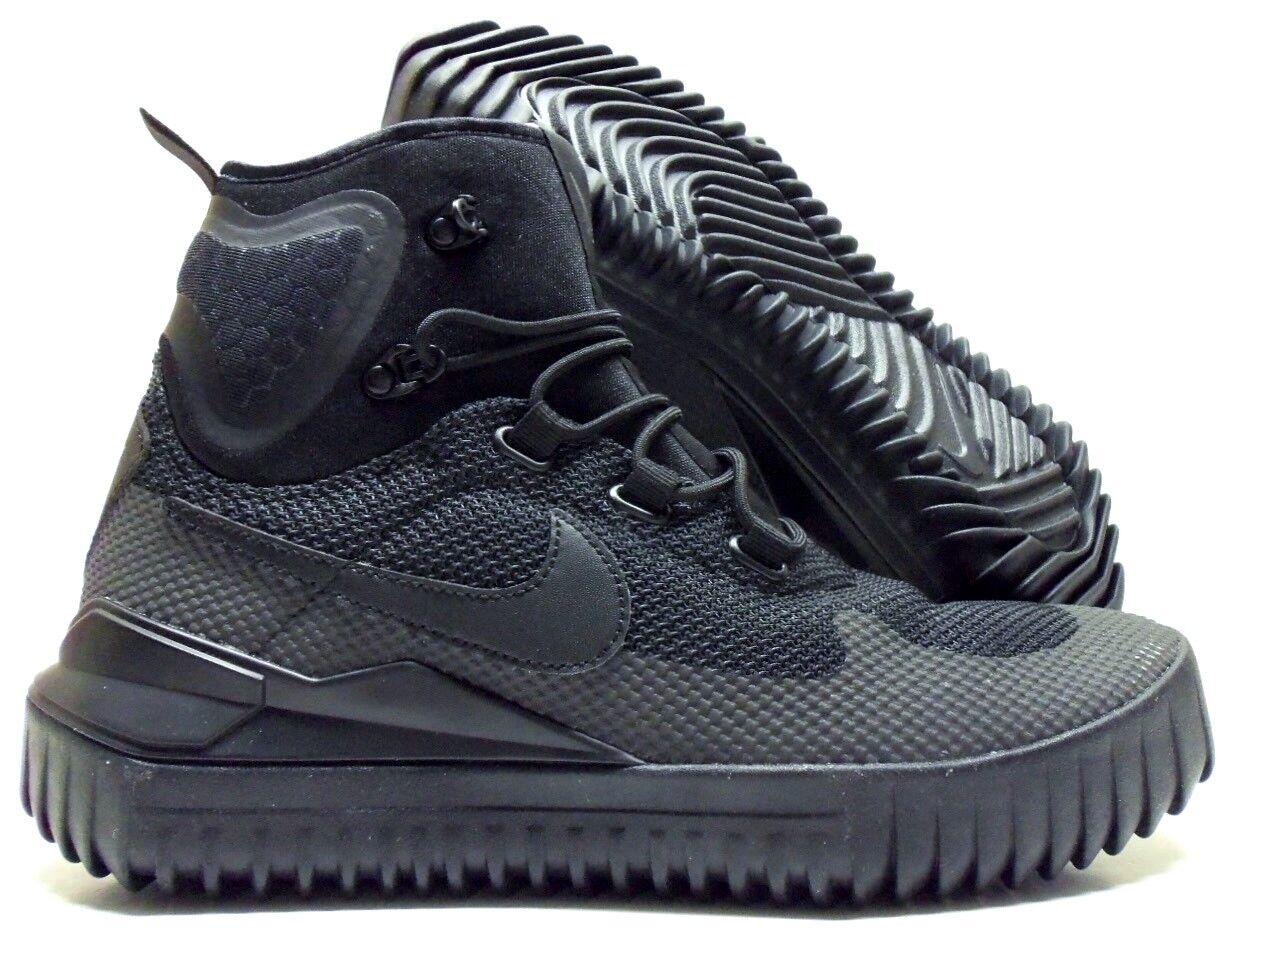 competitive price 92673 310c5 Nike air wild metà lustrascarpe   nero-anthracite dimensioni uomini. uomini.  uomini.